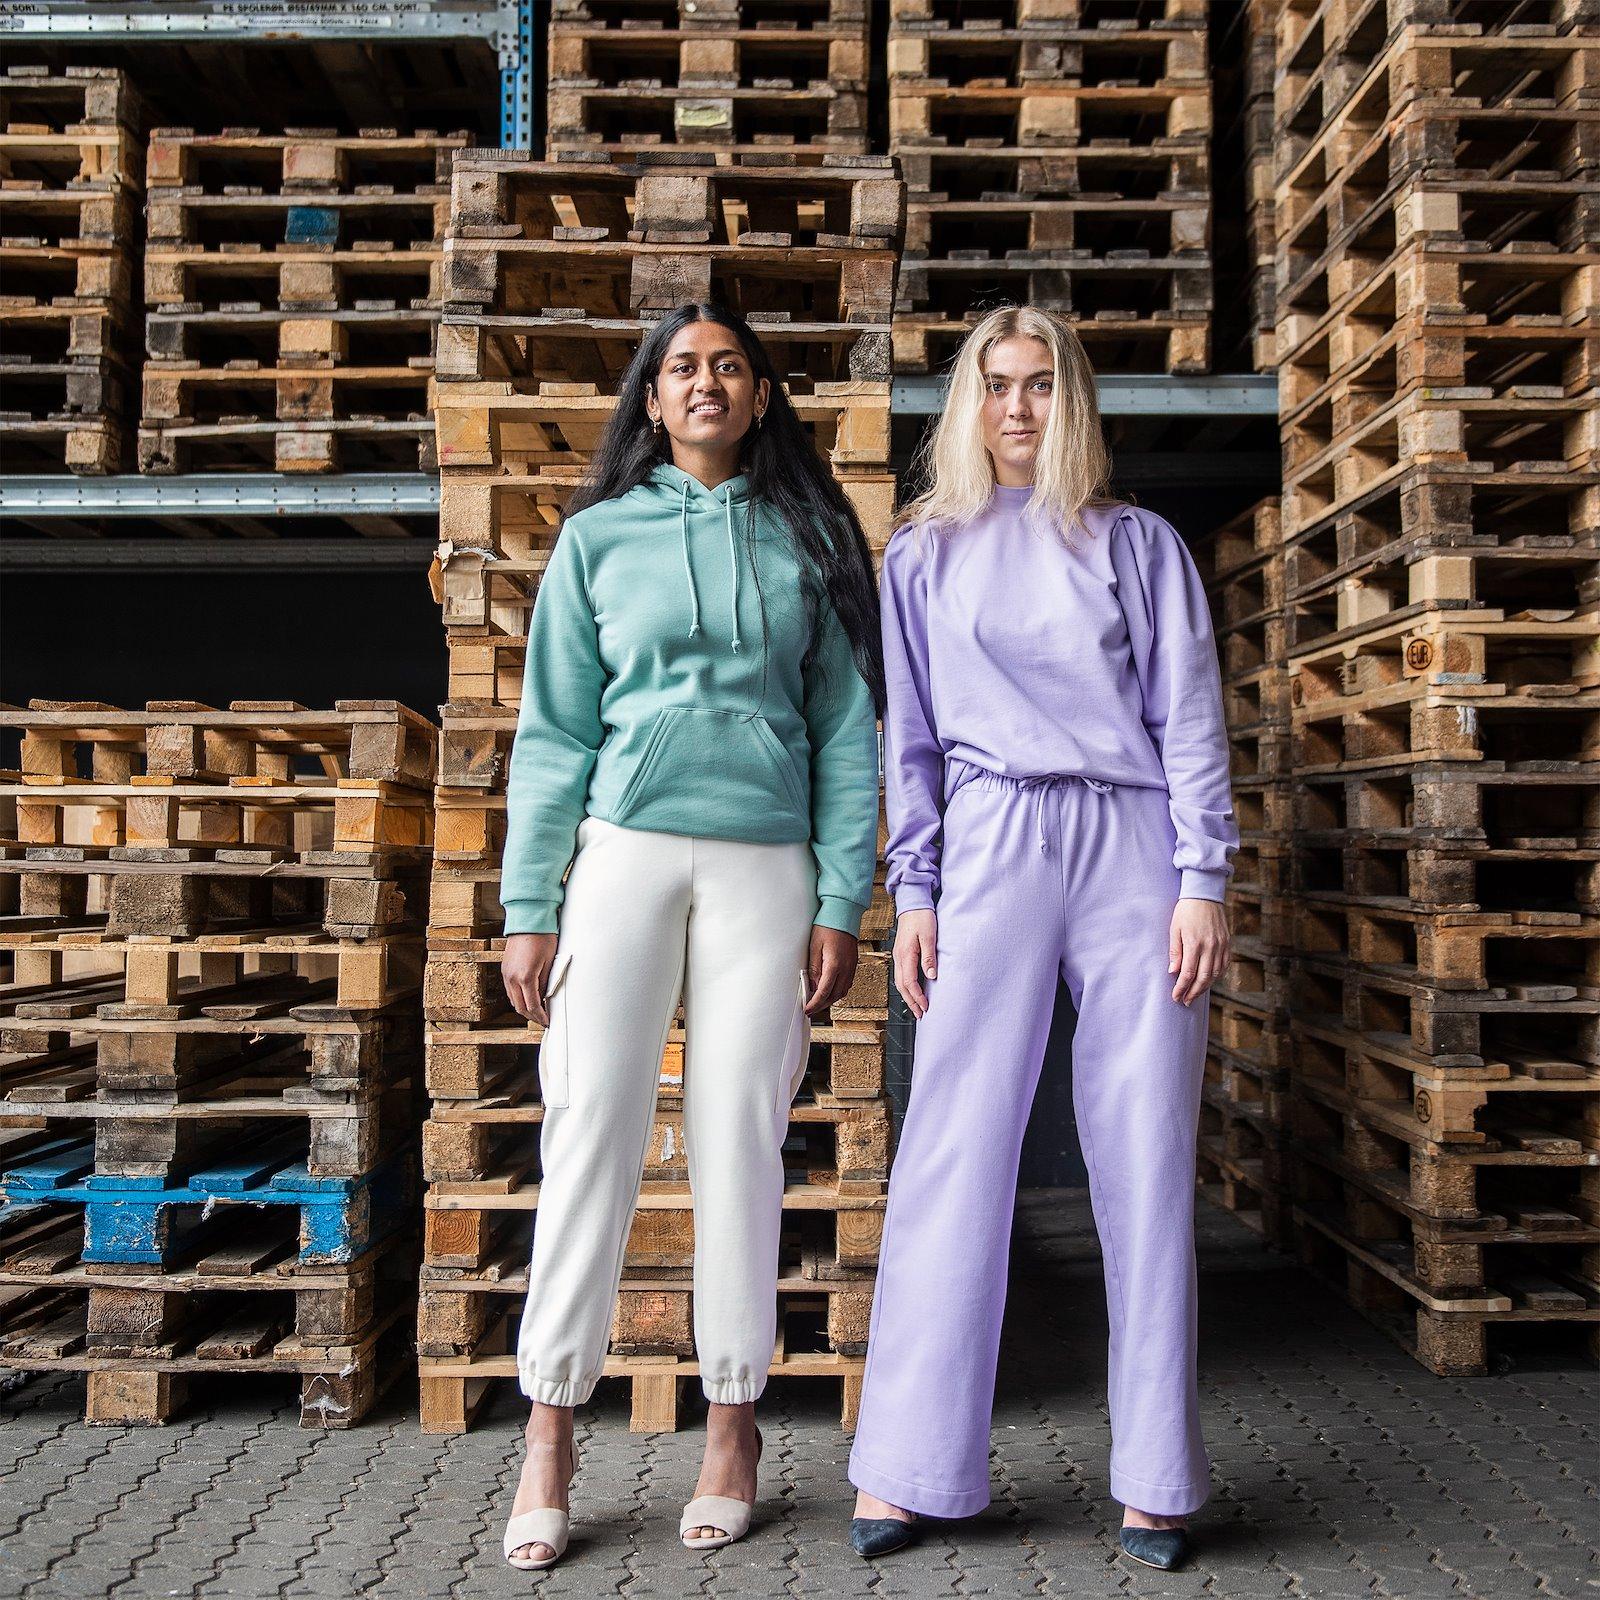 Cargo trousers, 34/6 p22073_211757_p22074_211768_230654_p20051_p20054_211760_bundle